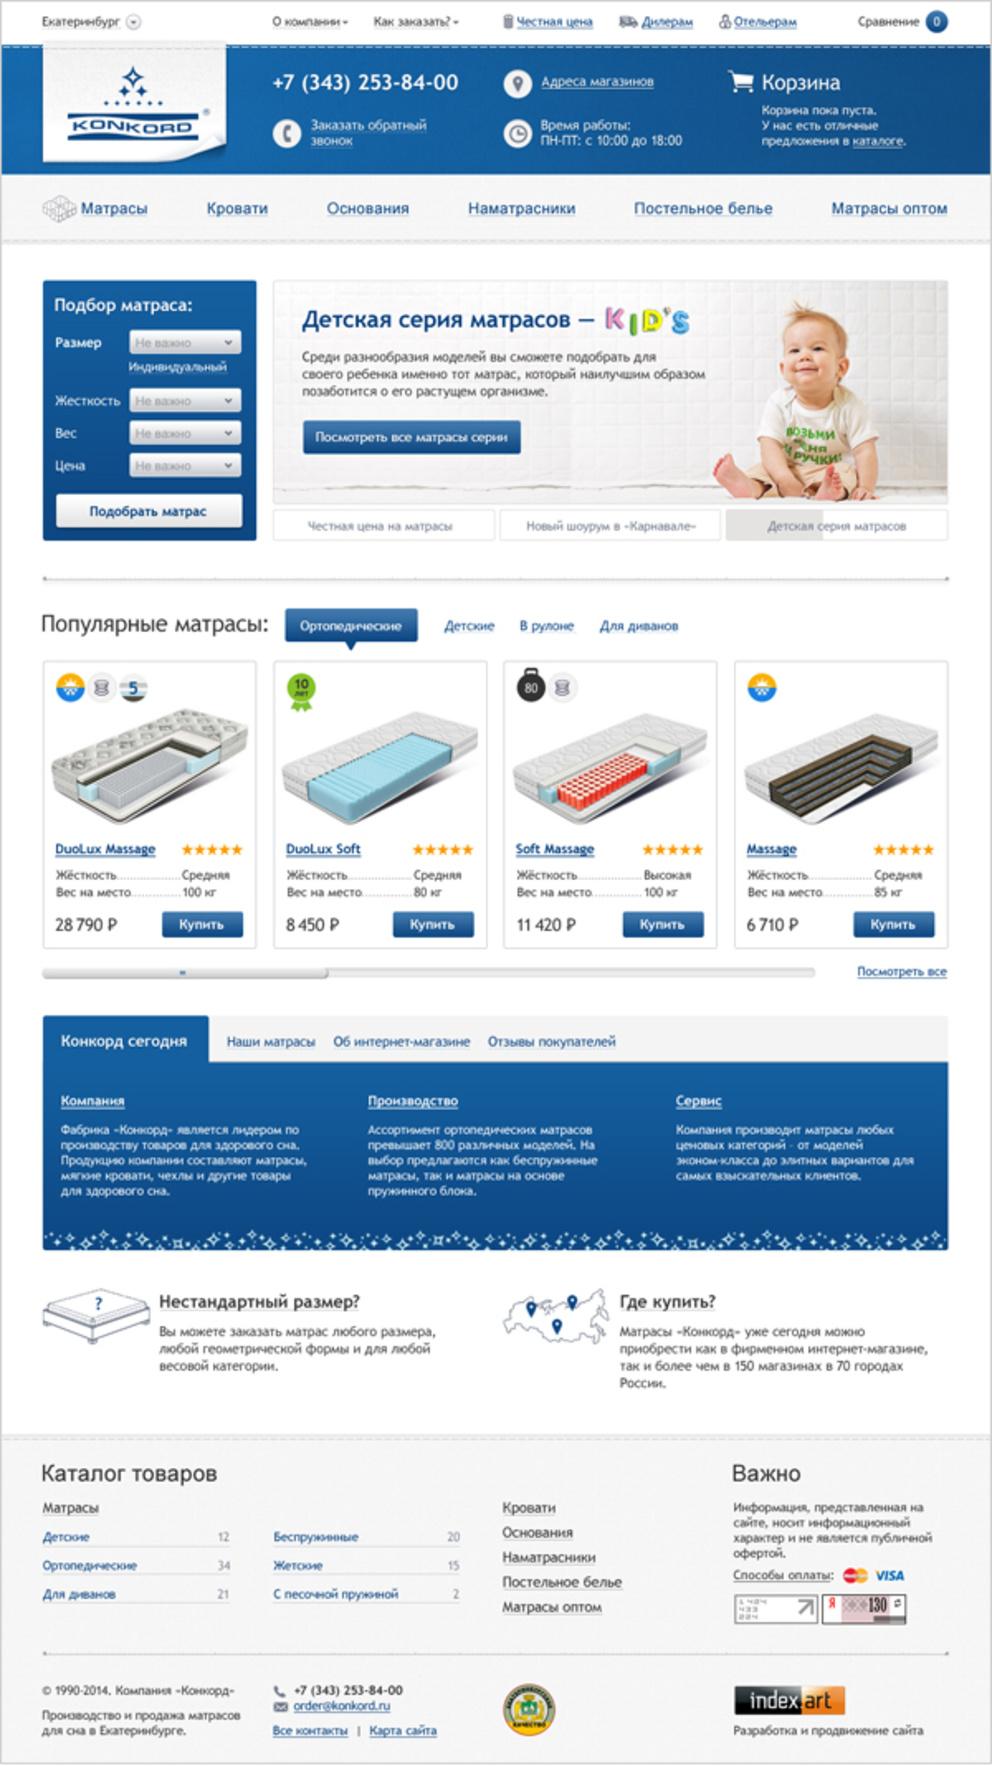 Интернет-магазин матрасов / Проект компании index.art – digital агентство